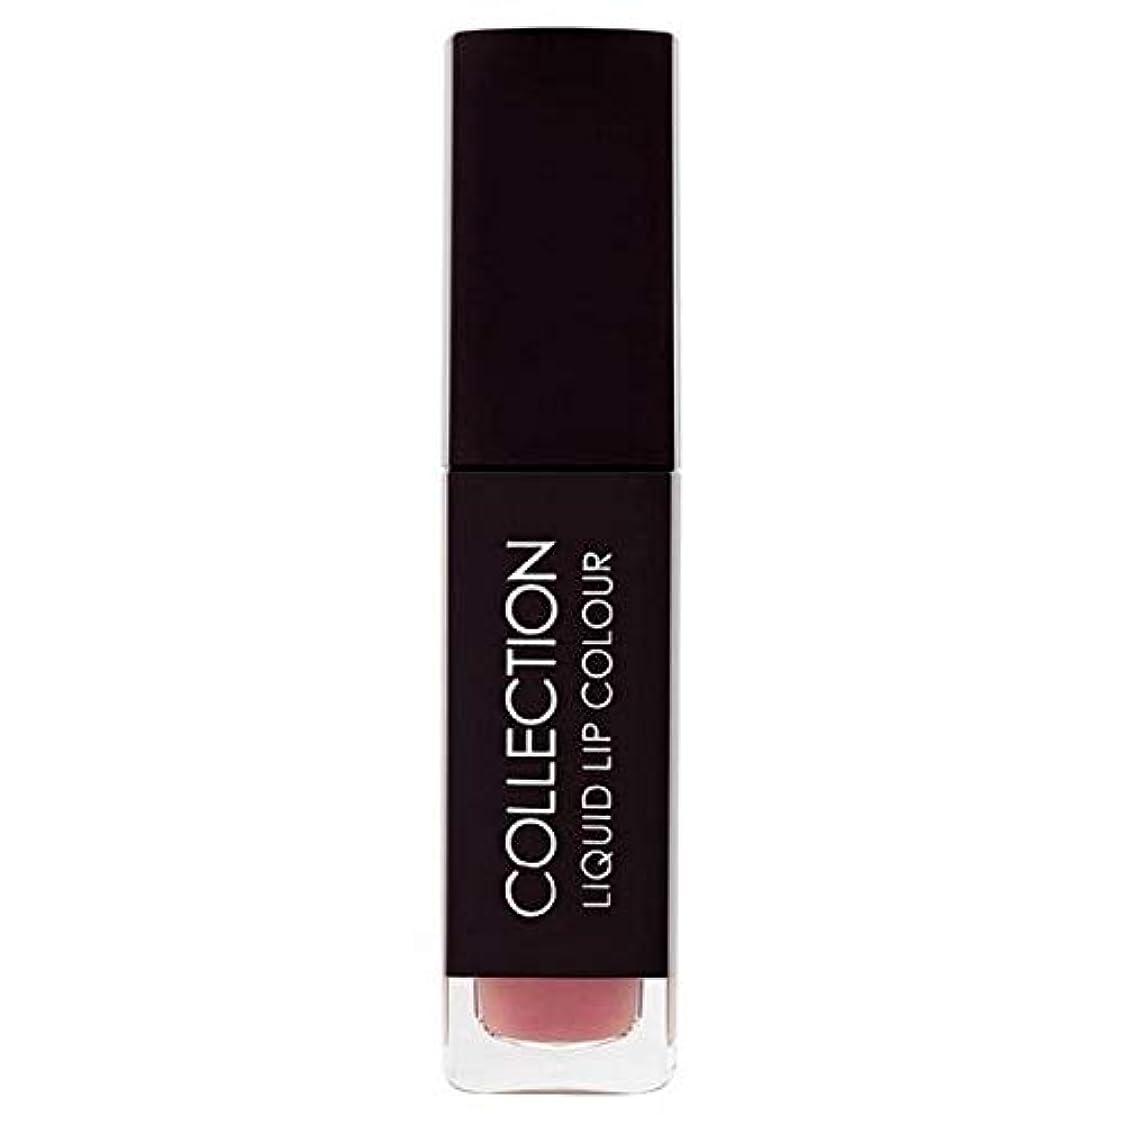 検査ロビー暫定の[Collection ] 収集液体リップカラー5ミリリットルヌードタフィー6 - Collection Liquid Lip Colour 5ml Nude Toffee 6 [並行輸入品]